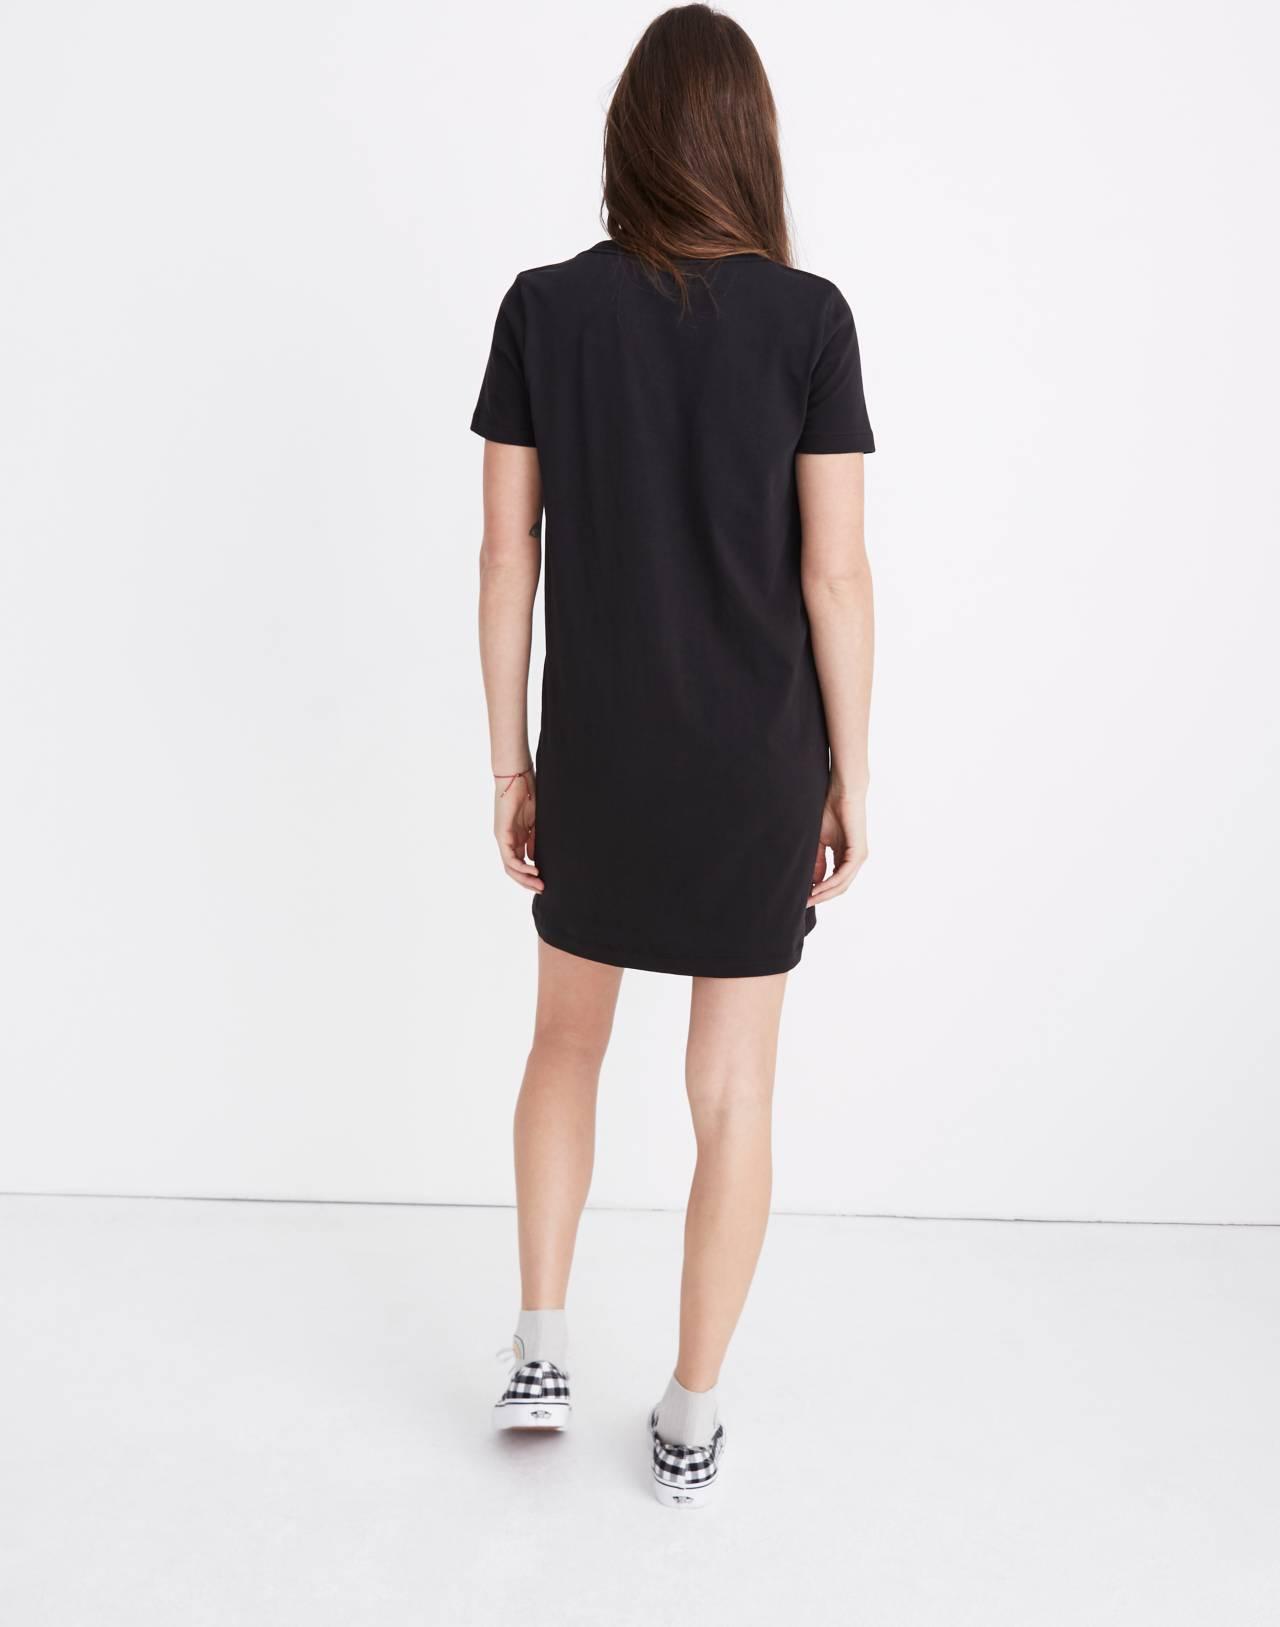 Tee Dress in true black image 3